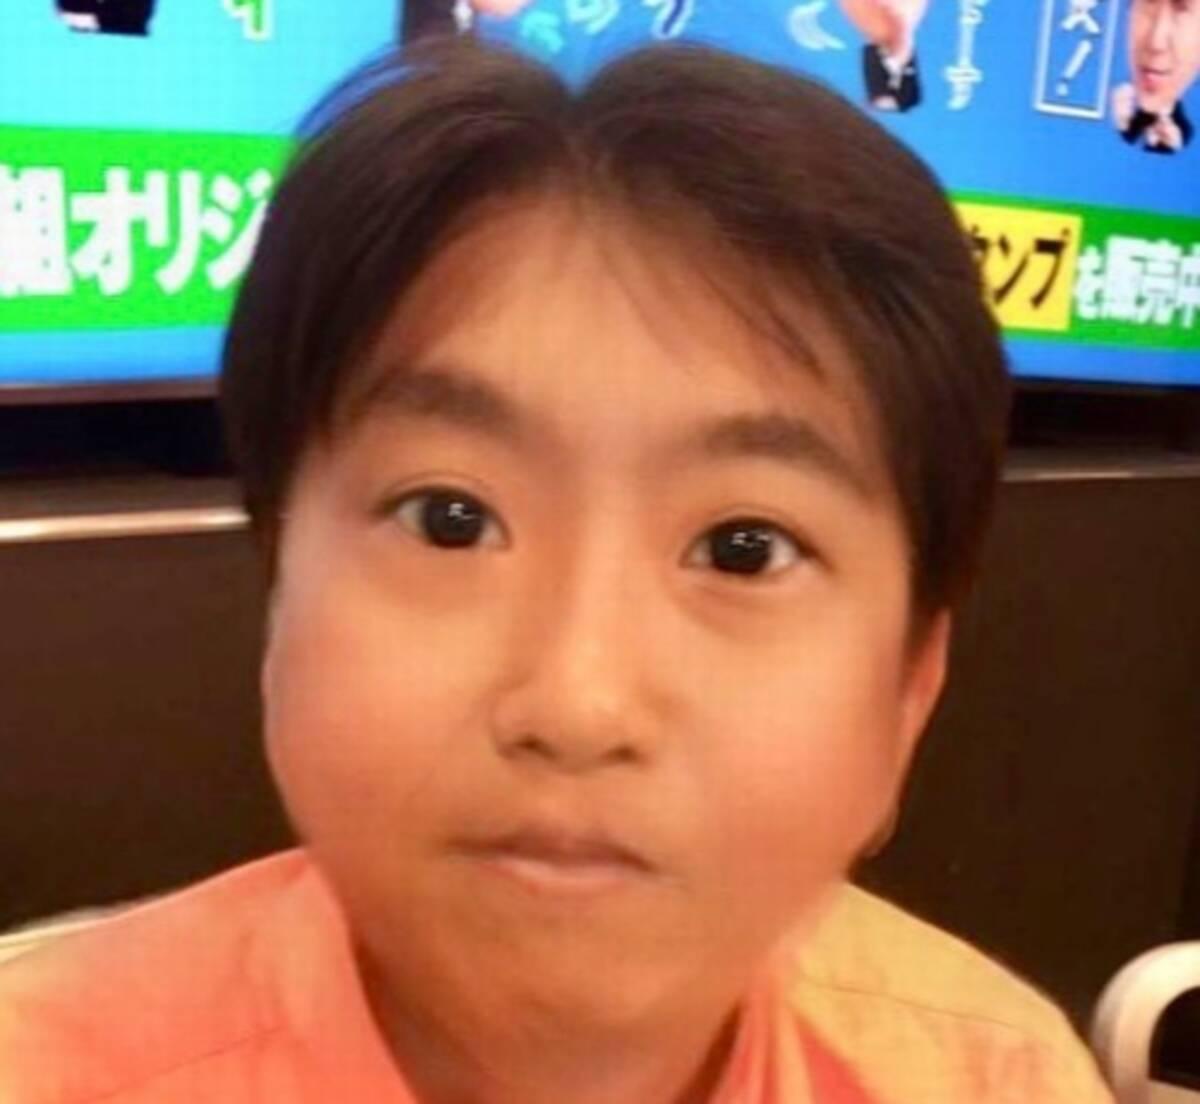 子ども風の石橋貴明に「可愛い」の声殺到 スナップチャットの写真を ...